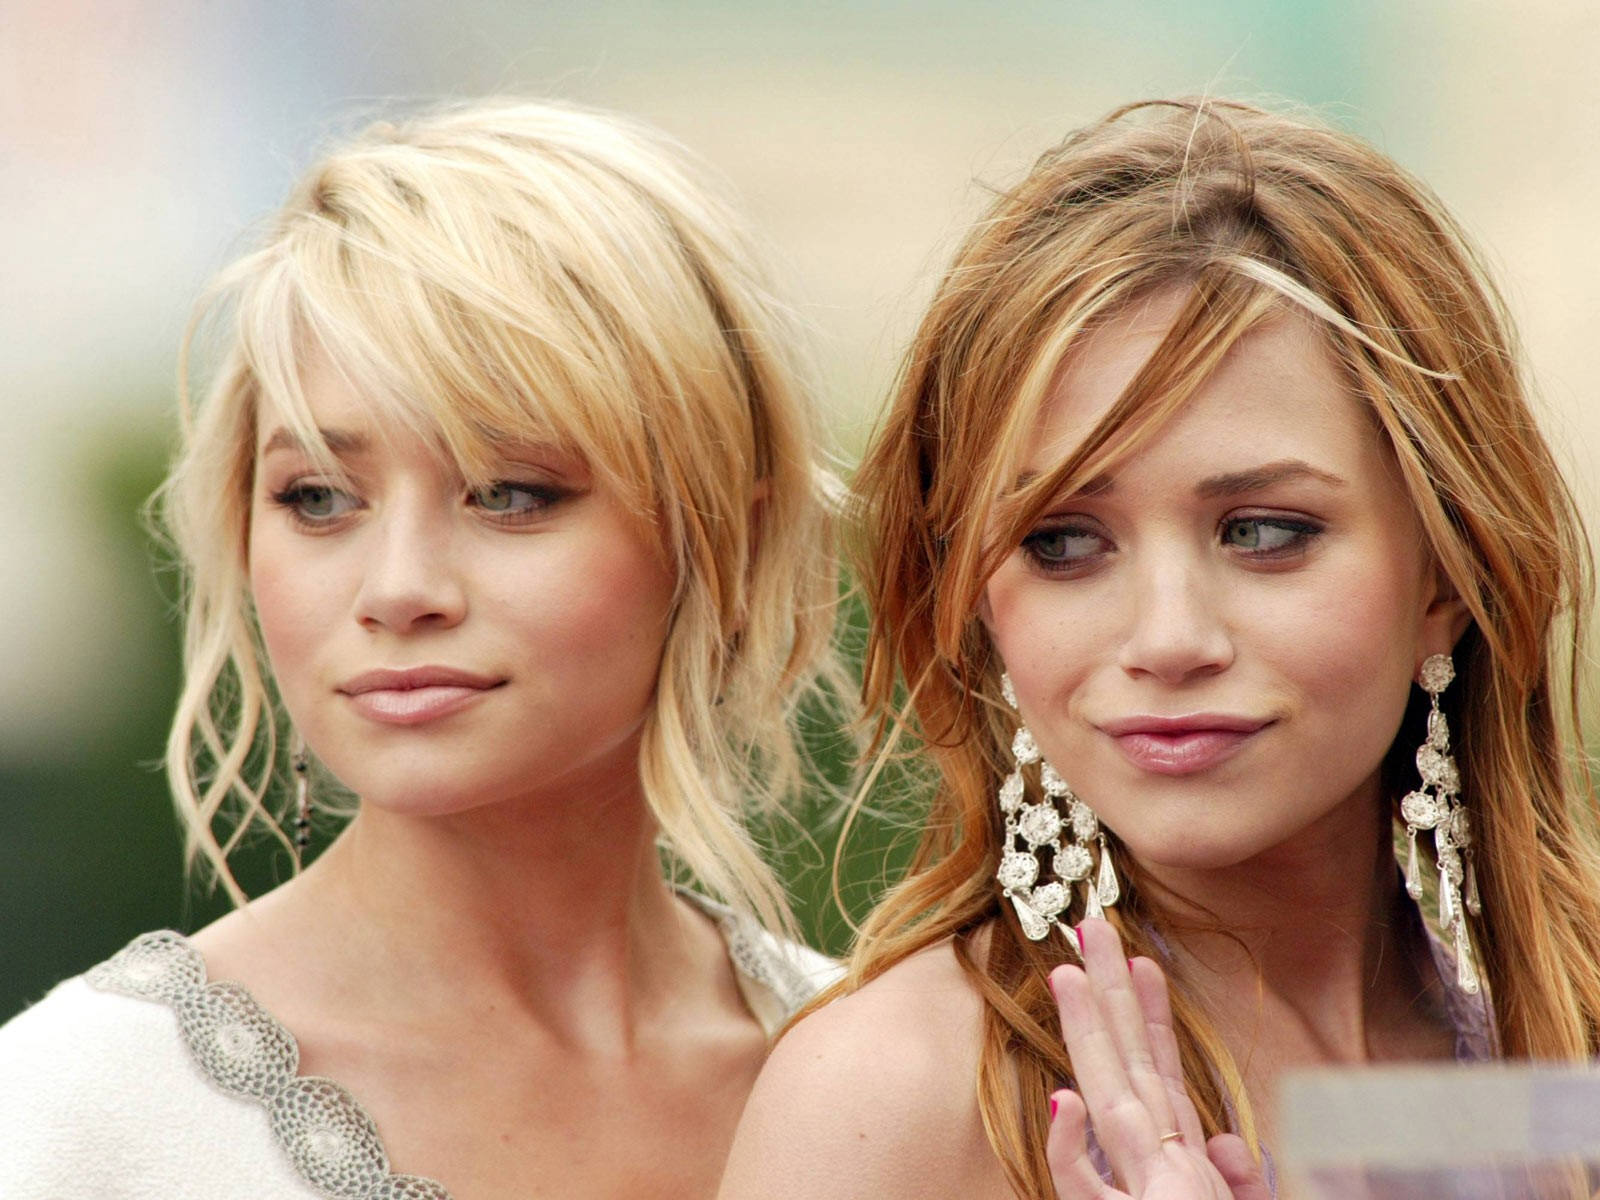 http://3.bp.blogspot.com/-2N7mCyT7aTo/TzKDoWIJYjI/AAAAAAAAFXw/FNz1RpCh7Es/s1600/Olsen_Twins.jpg